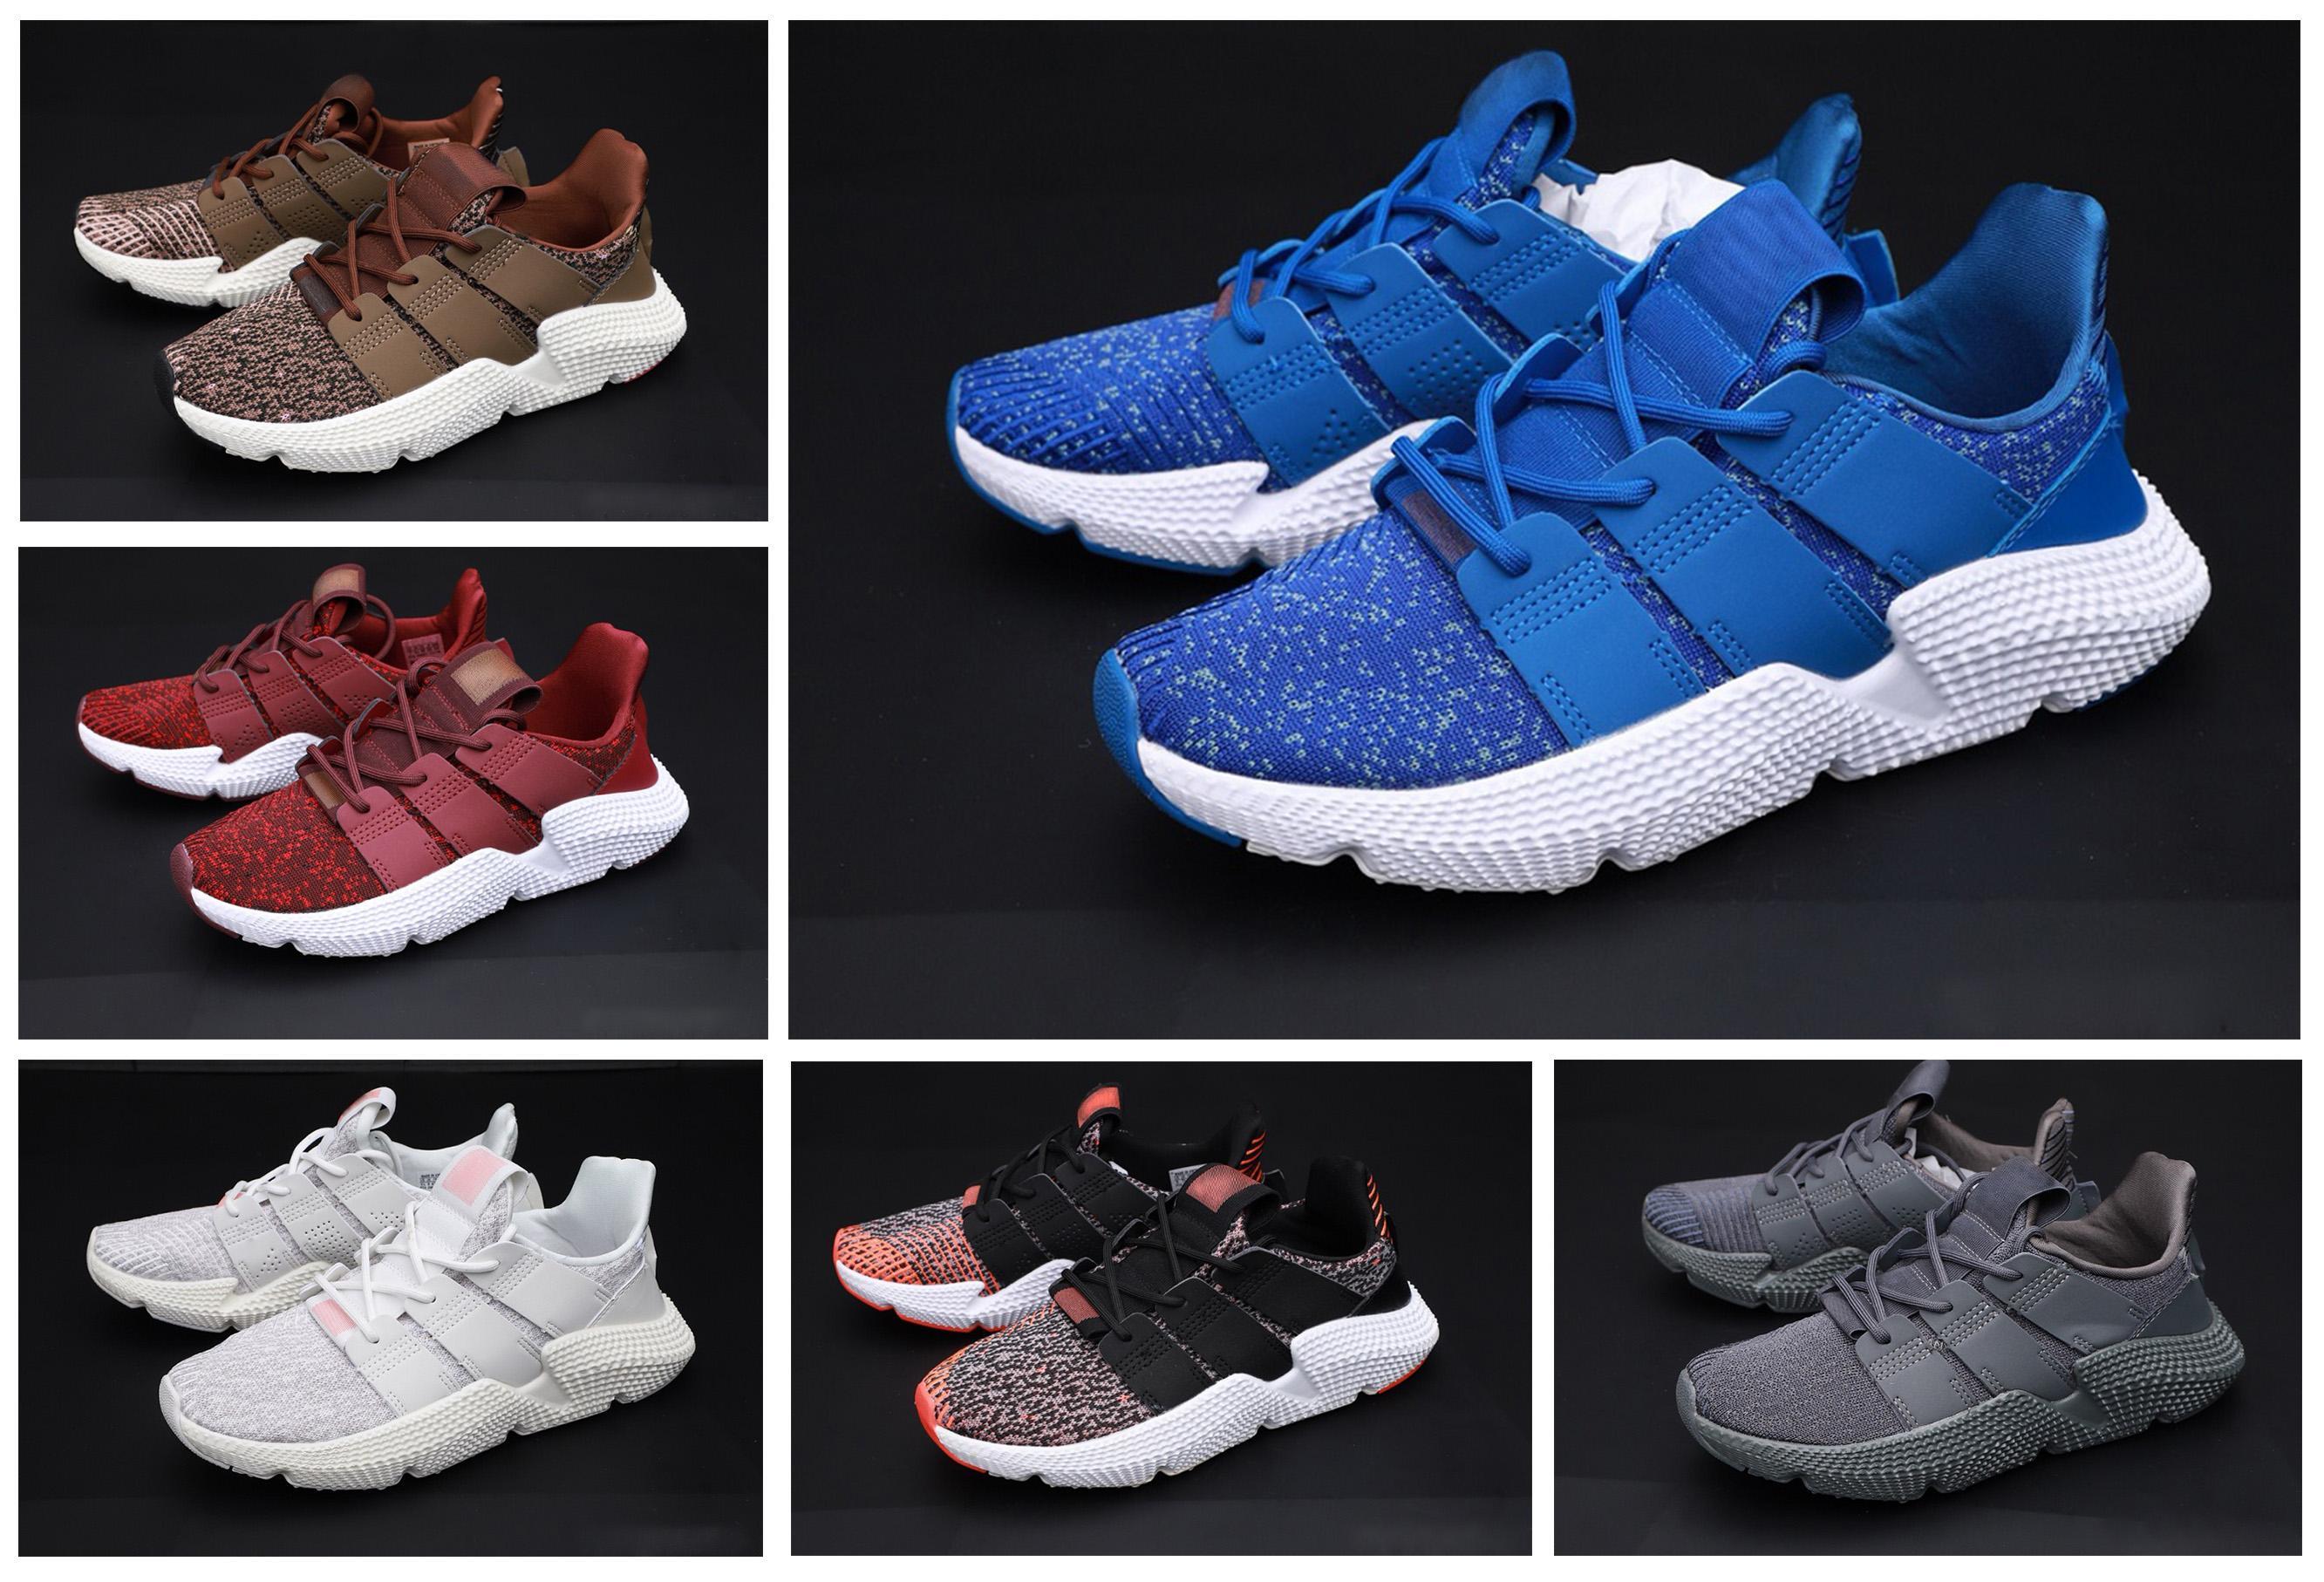 Adidas Originals Prophere Climacool Sports shoes 2018 nouvellement arrivés chaussures de course avec respirant chaussures de sport de concepteur en